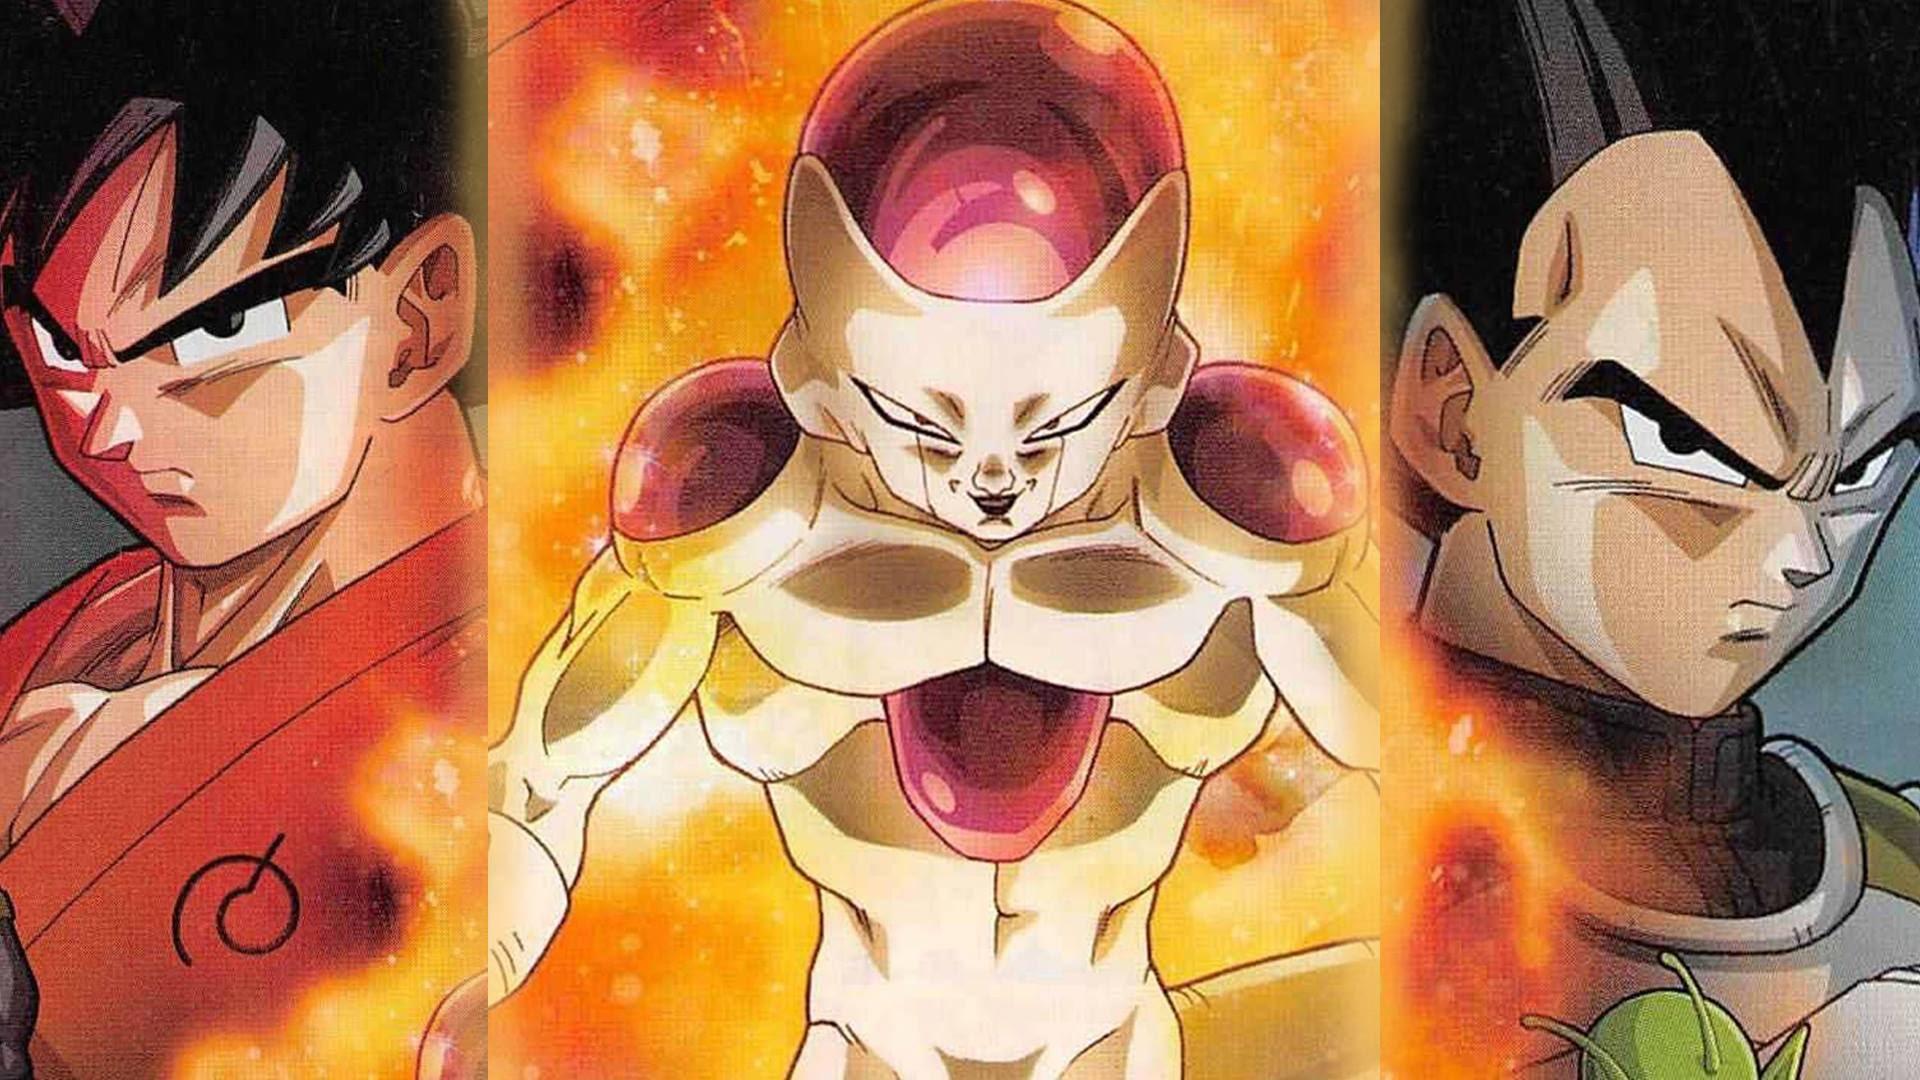 Dragon Ball Z Dragon Ball Z Frieza Resurrection 1058832 Hd